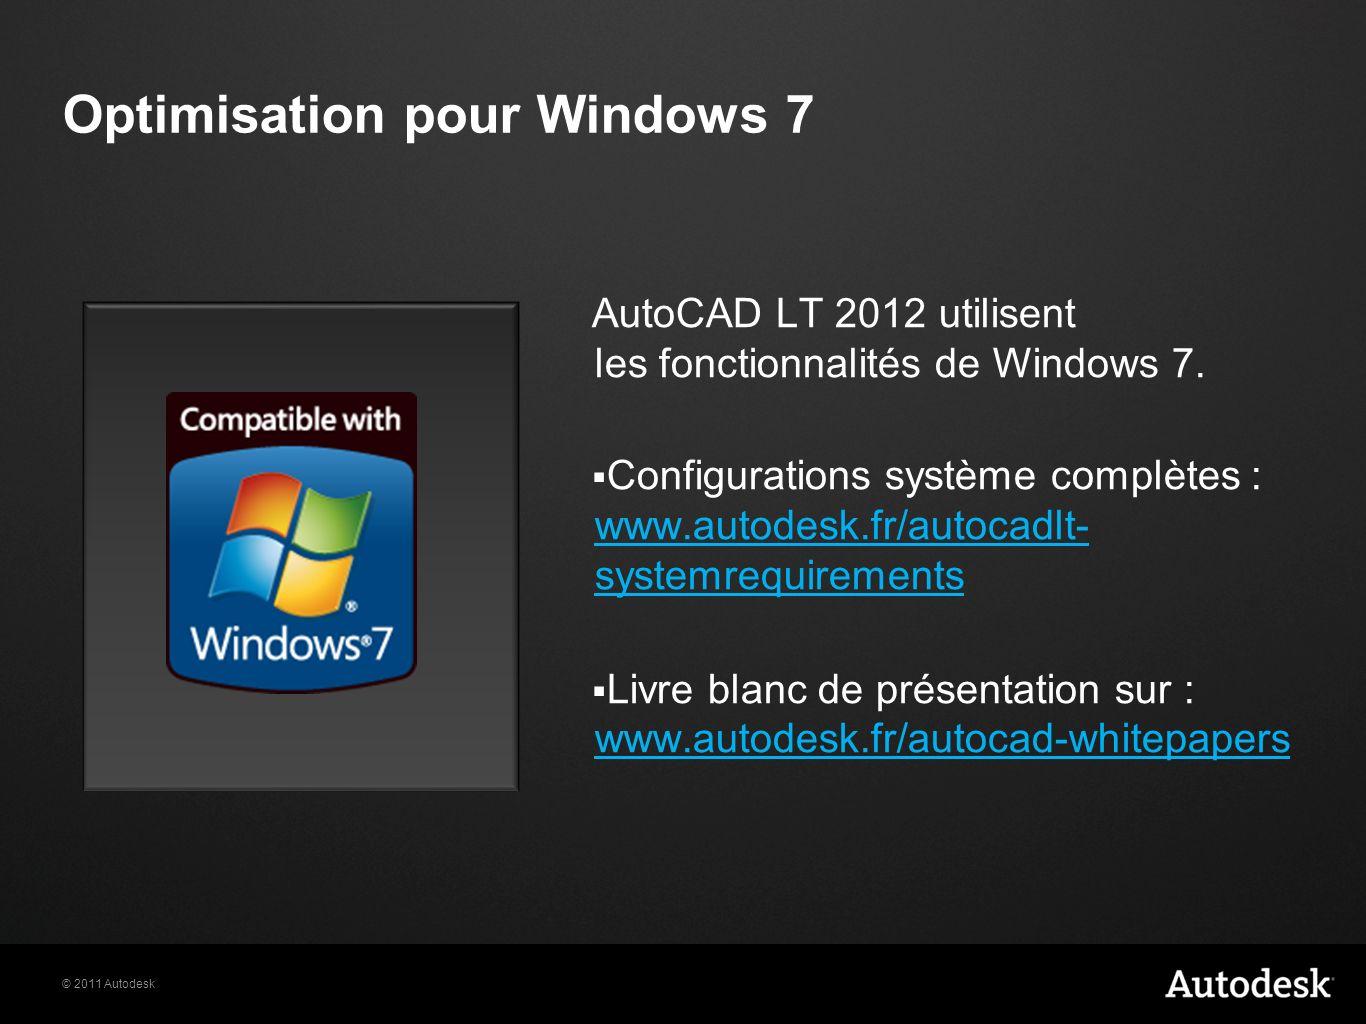 © 2011 Autodesk Optimisation pour Windows 7 AutoCAD LT 2012 utilisent les fonctionnalités de Windows 7. Configurations système complètes : www.autodes